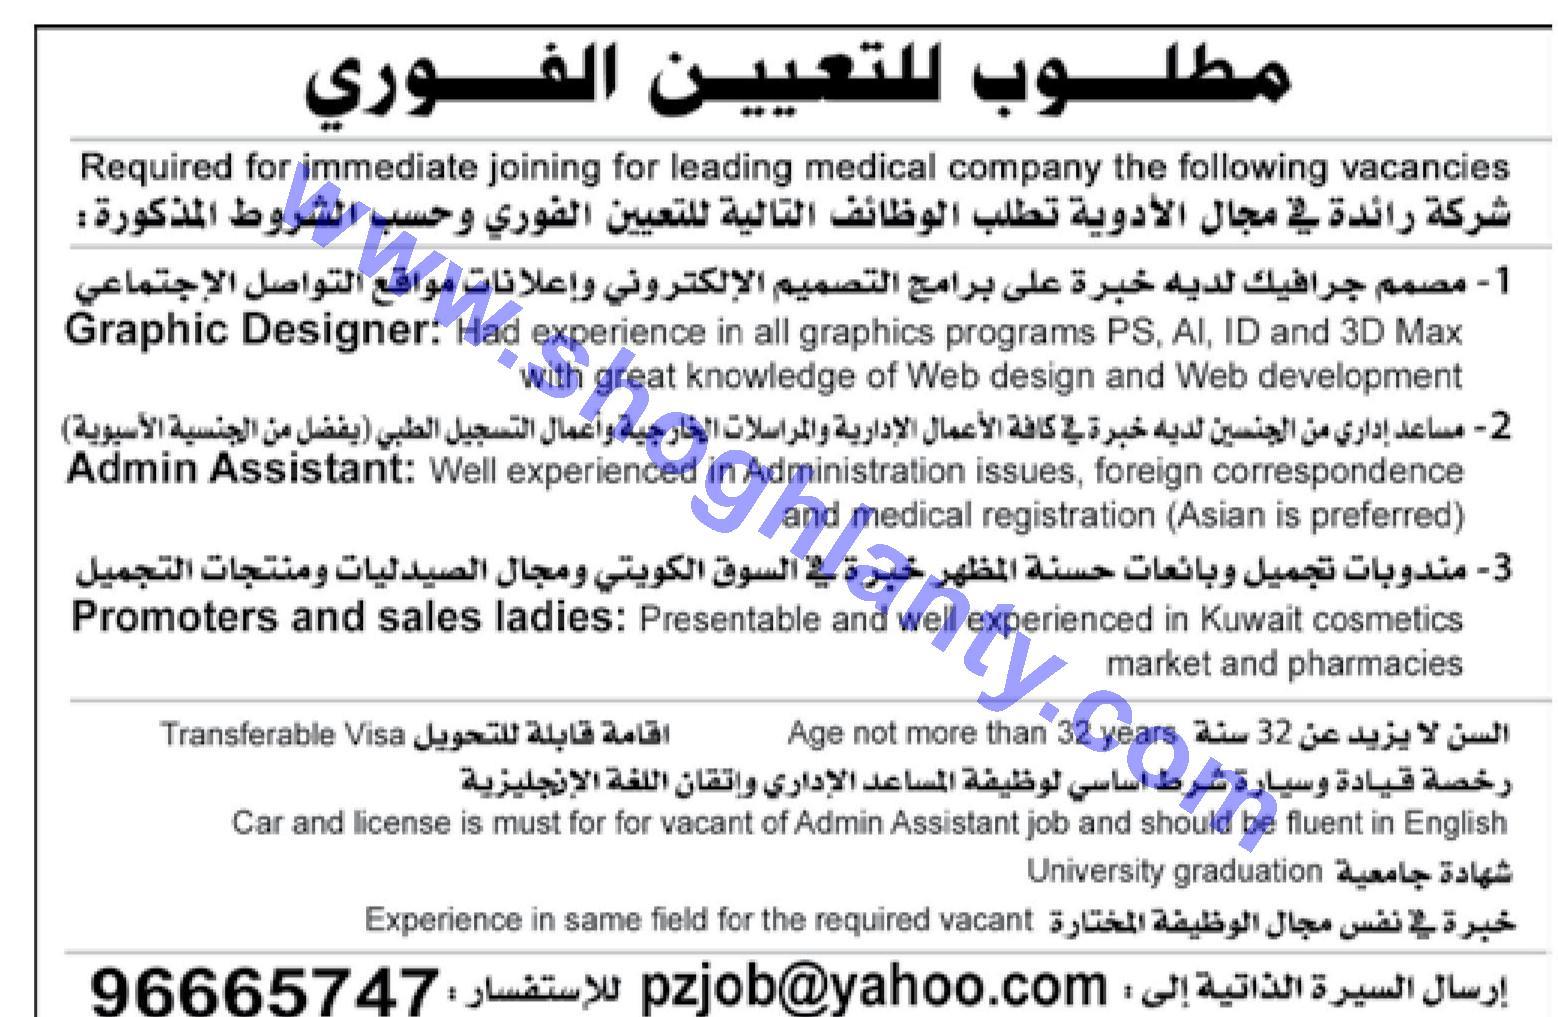 Jobs Graphic designer-Kuwait- 16 July 2016